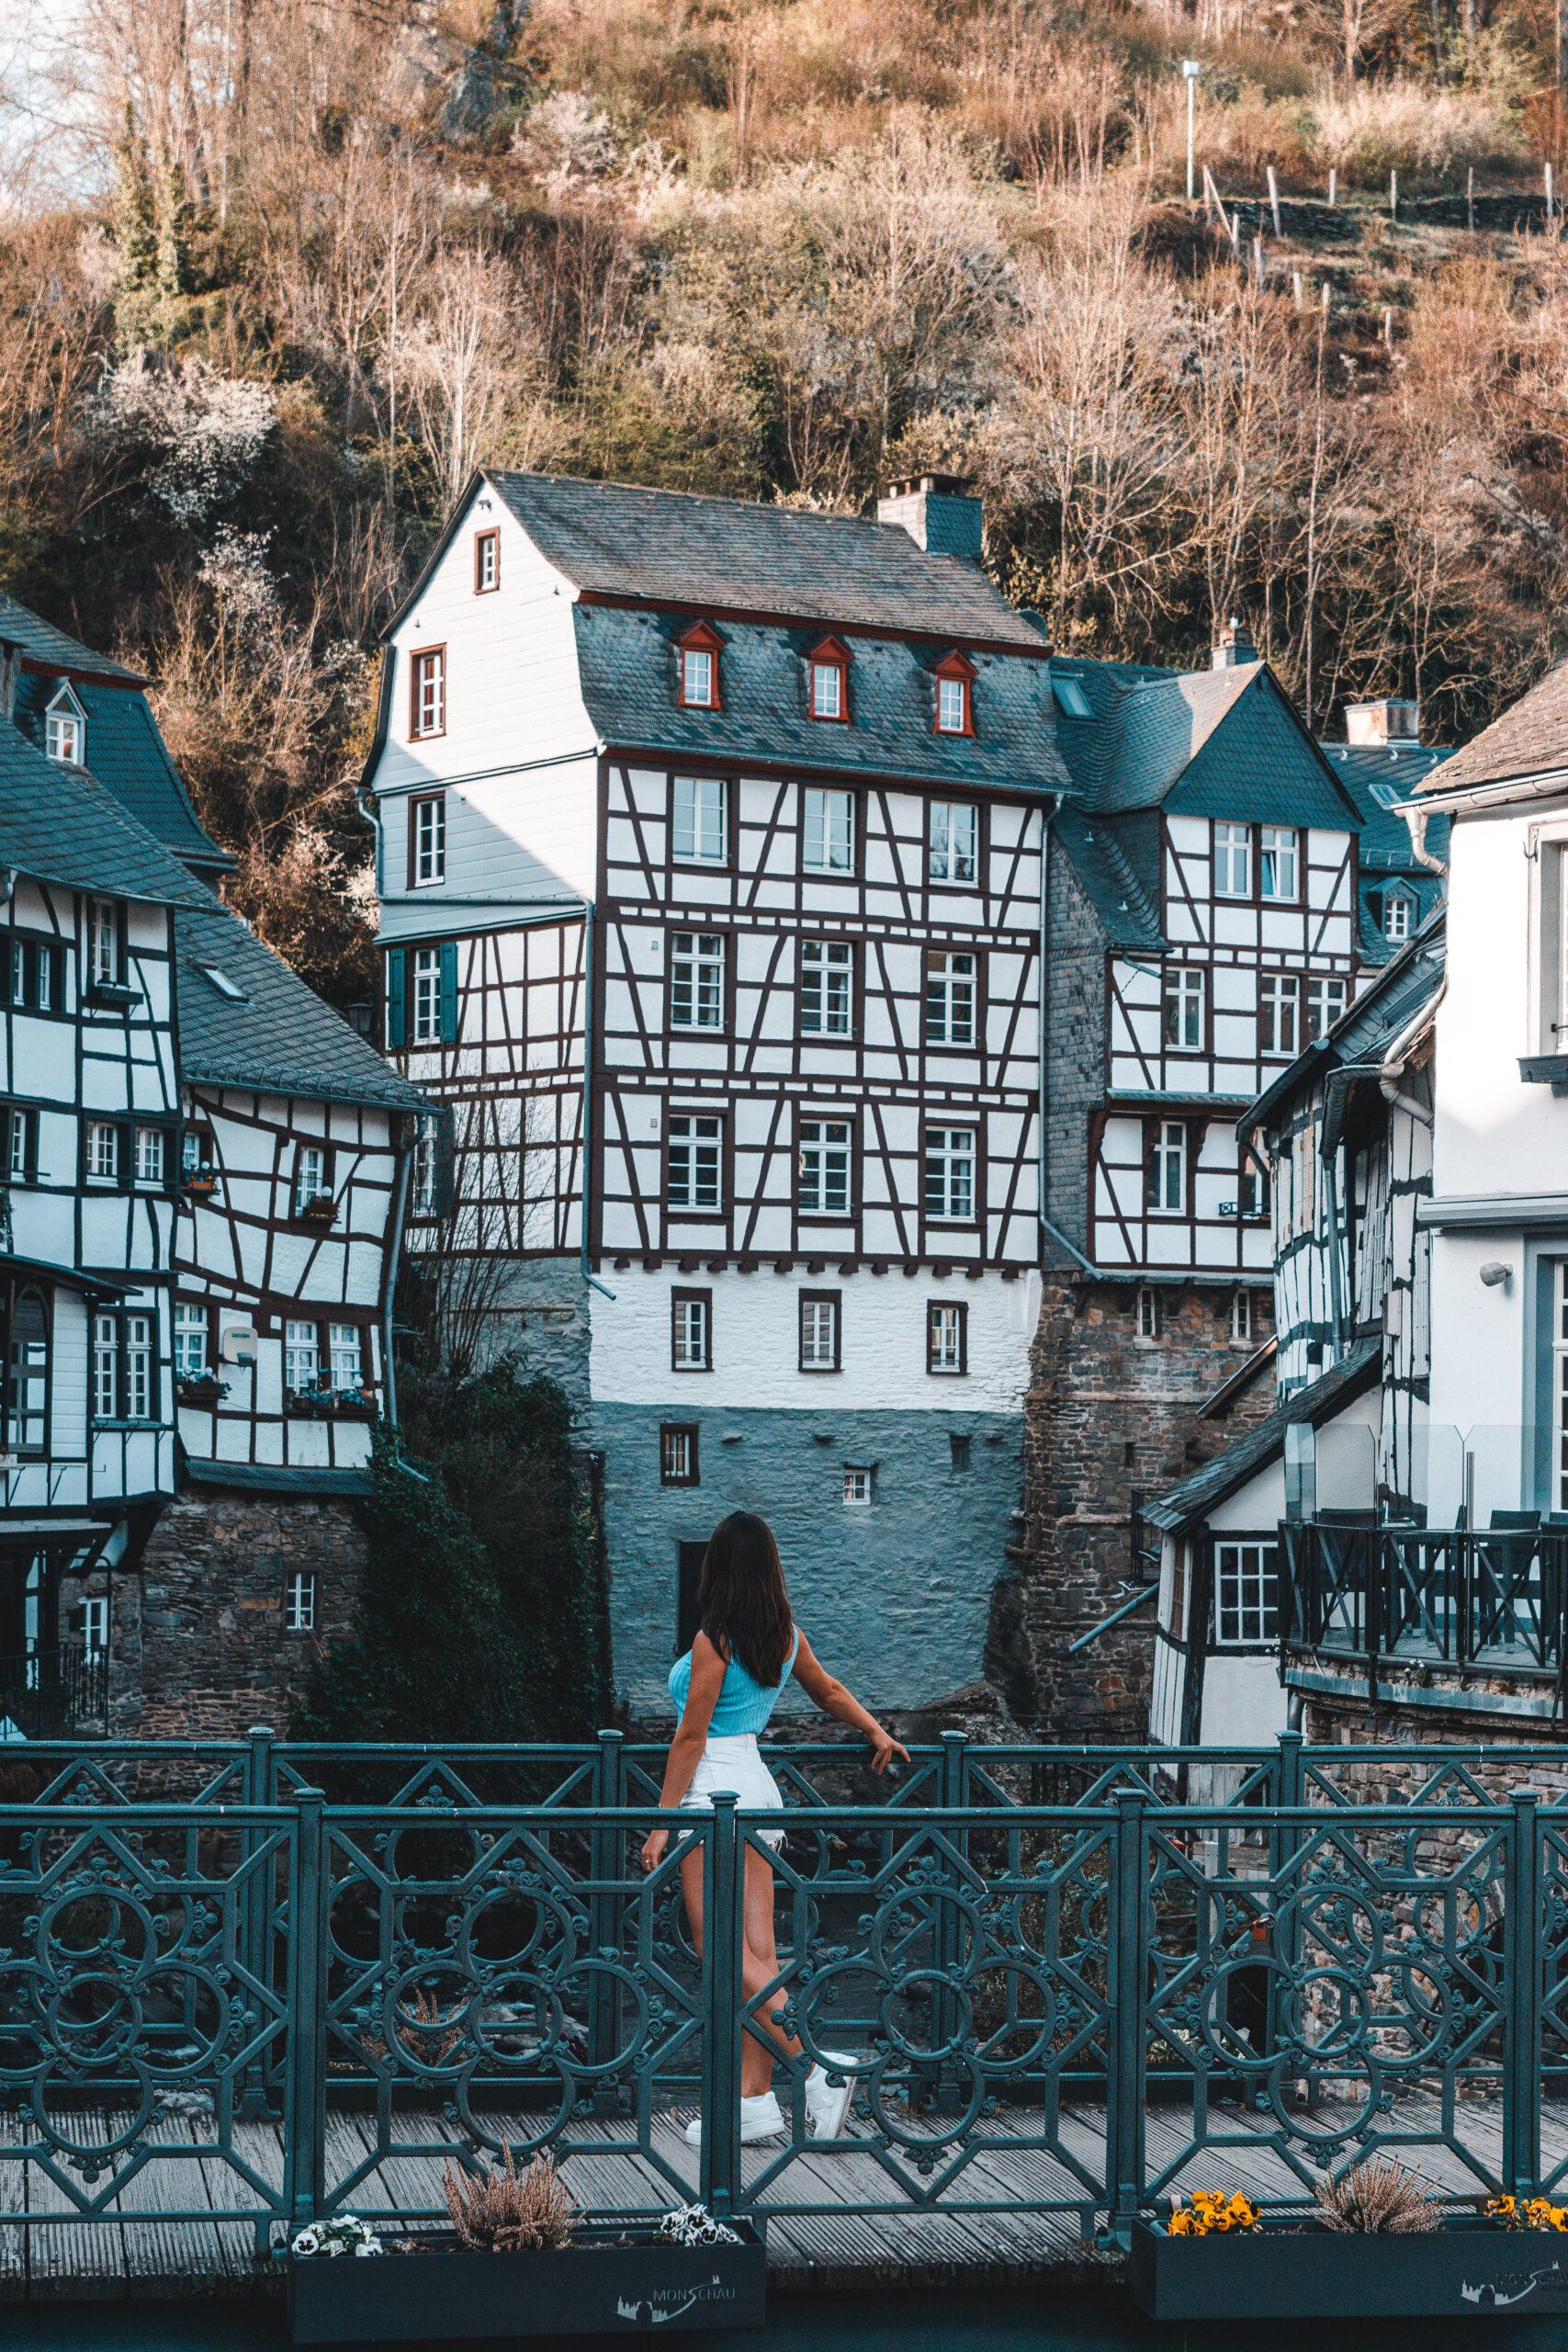 Monschau in the German Eifel